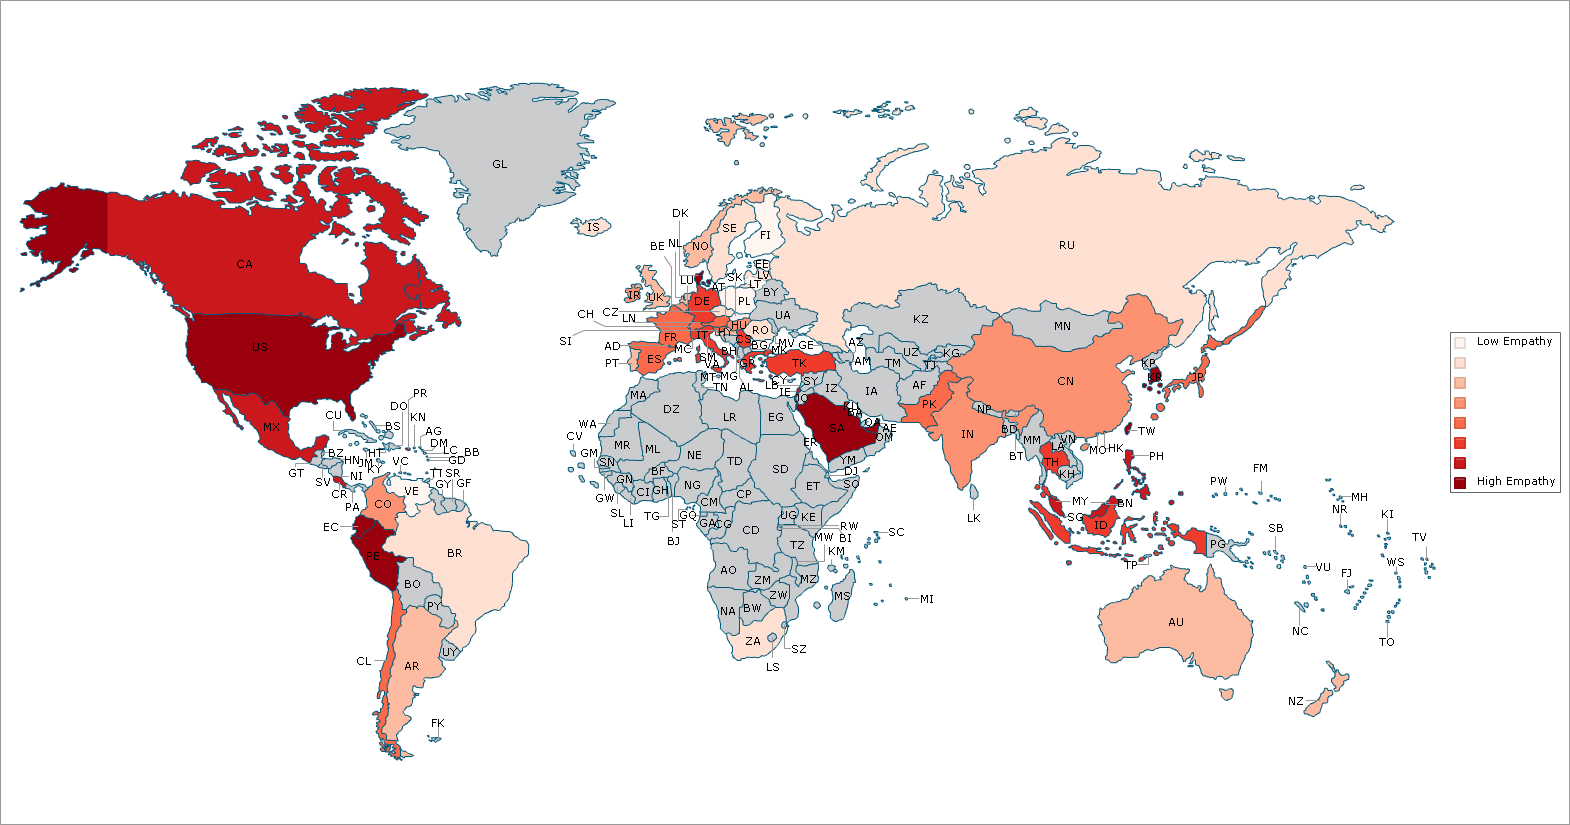 Mapa de la empatía en el mundo